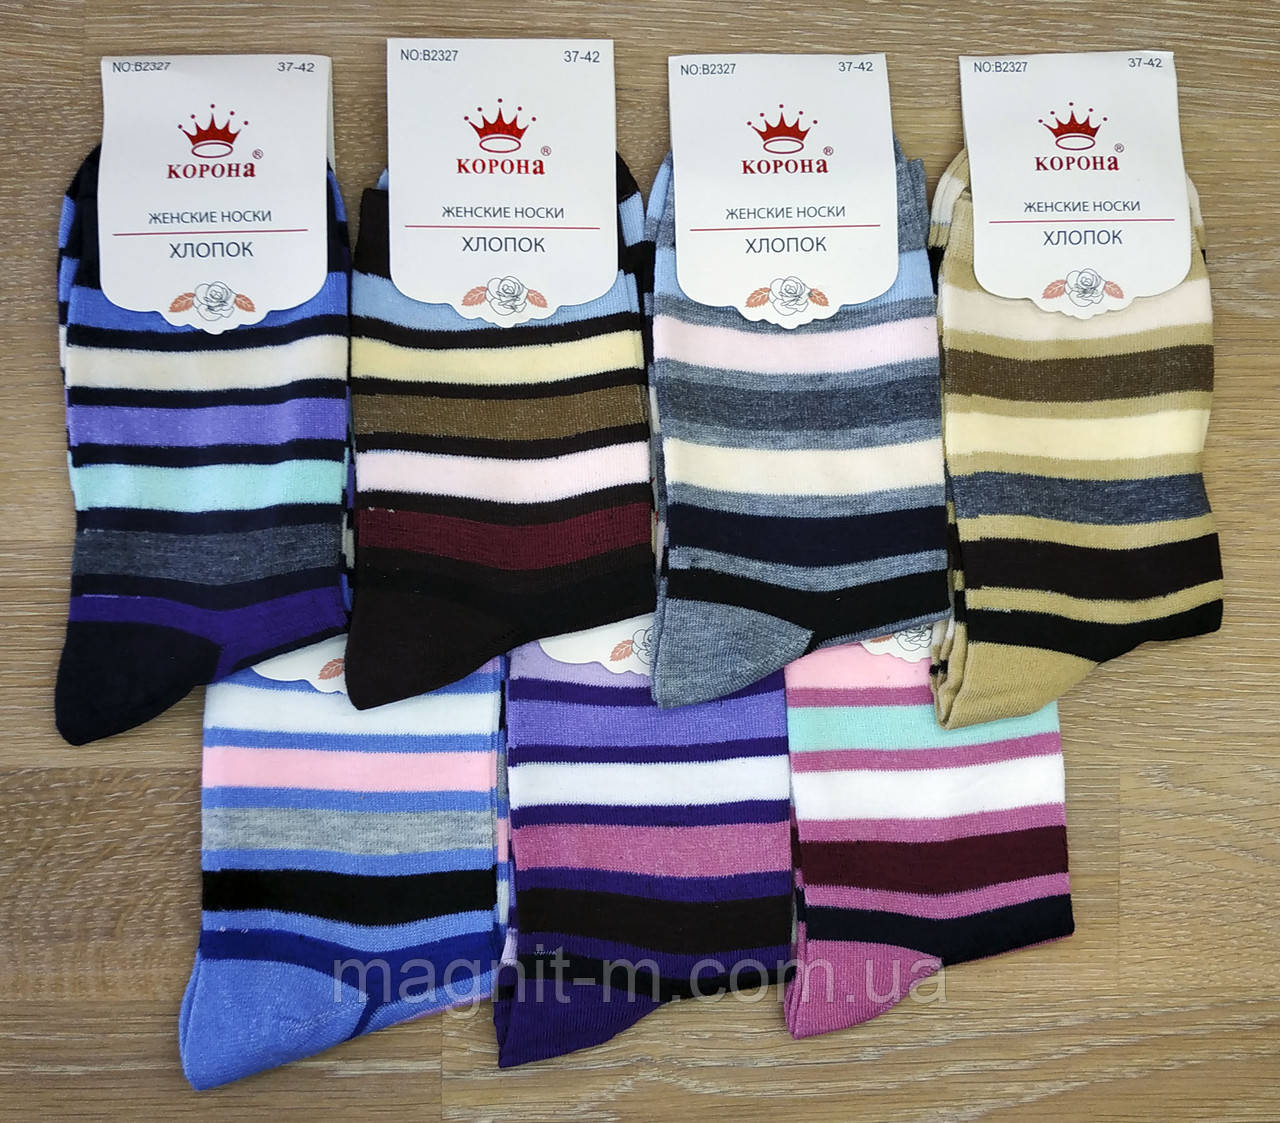 """Шкарпетки жіночі """"Корона"""" Бавовна. Смужка. №B2327."""